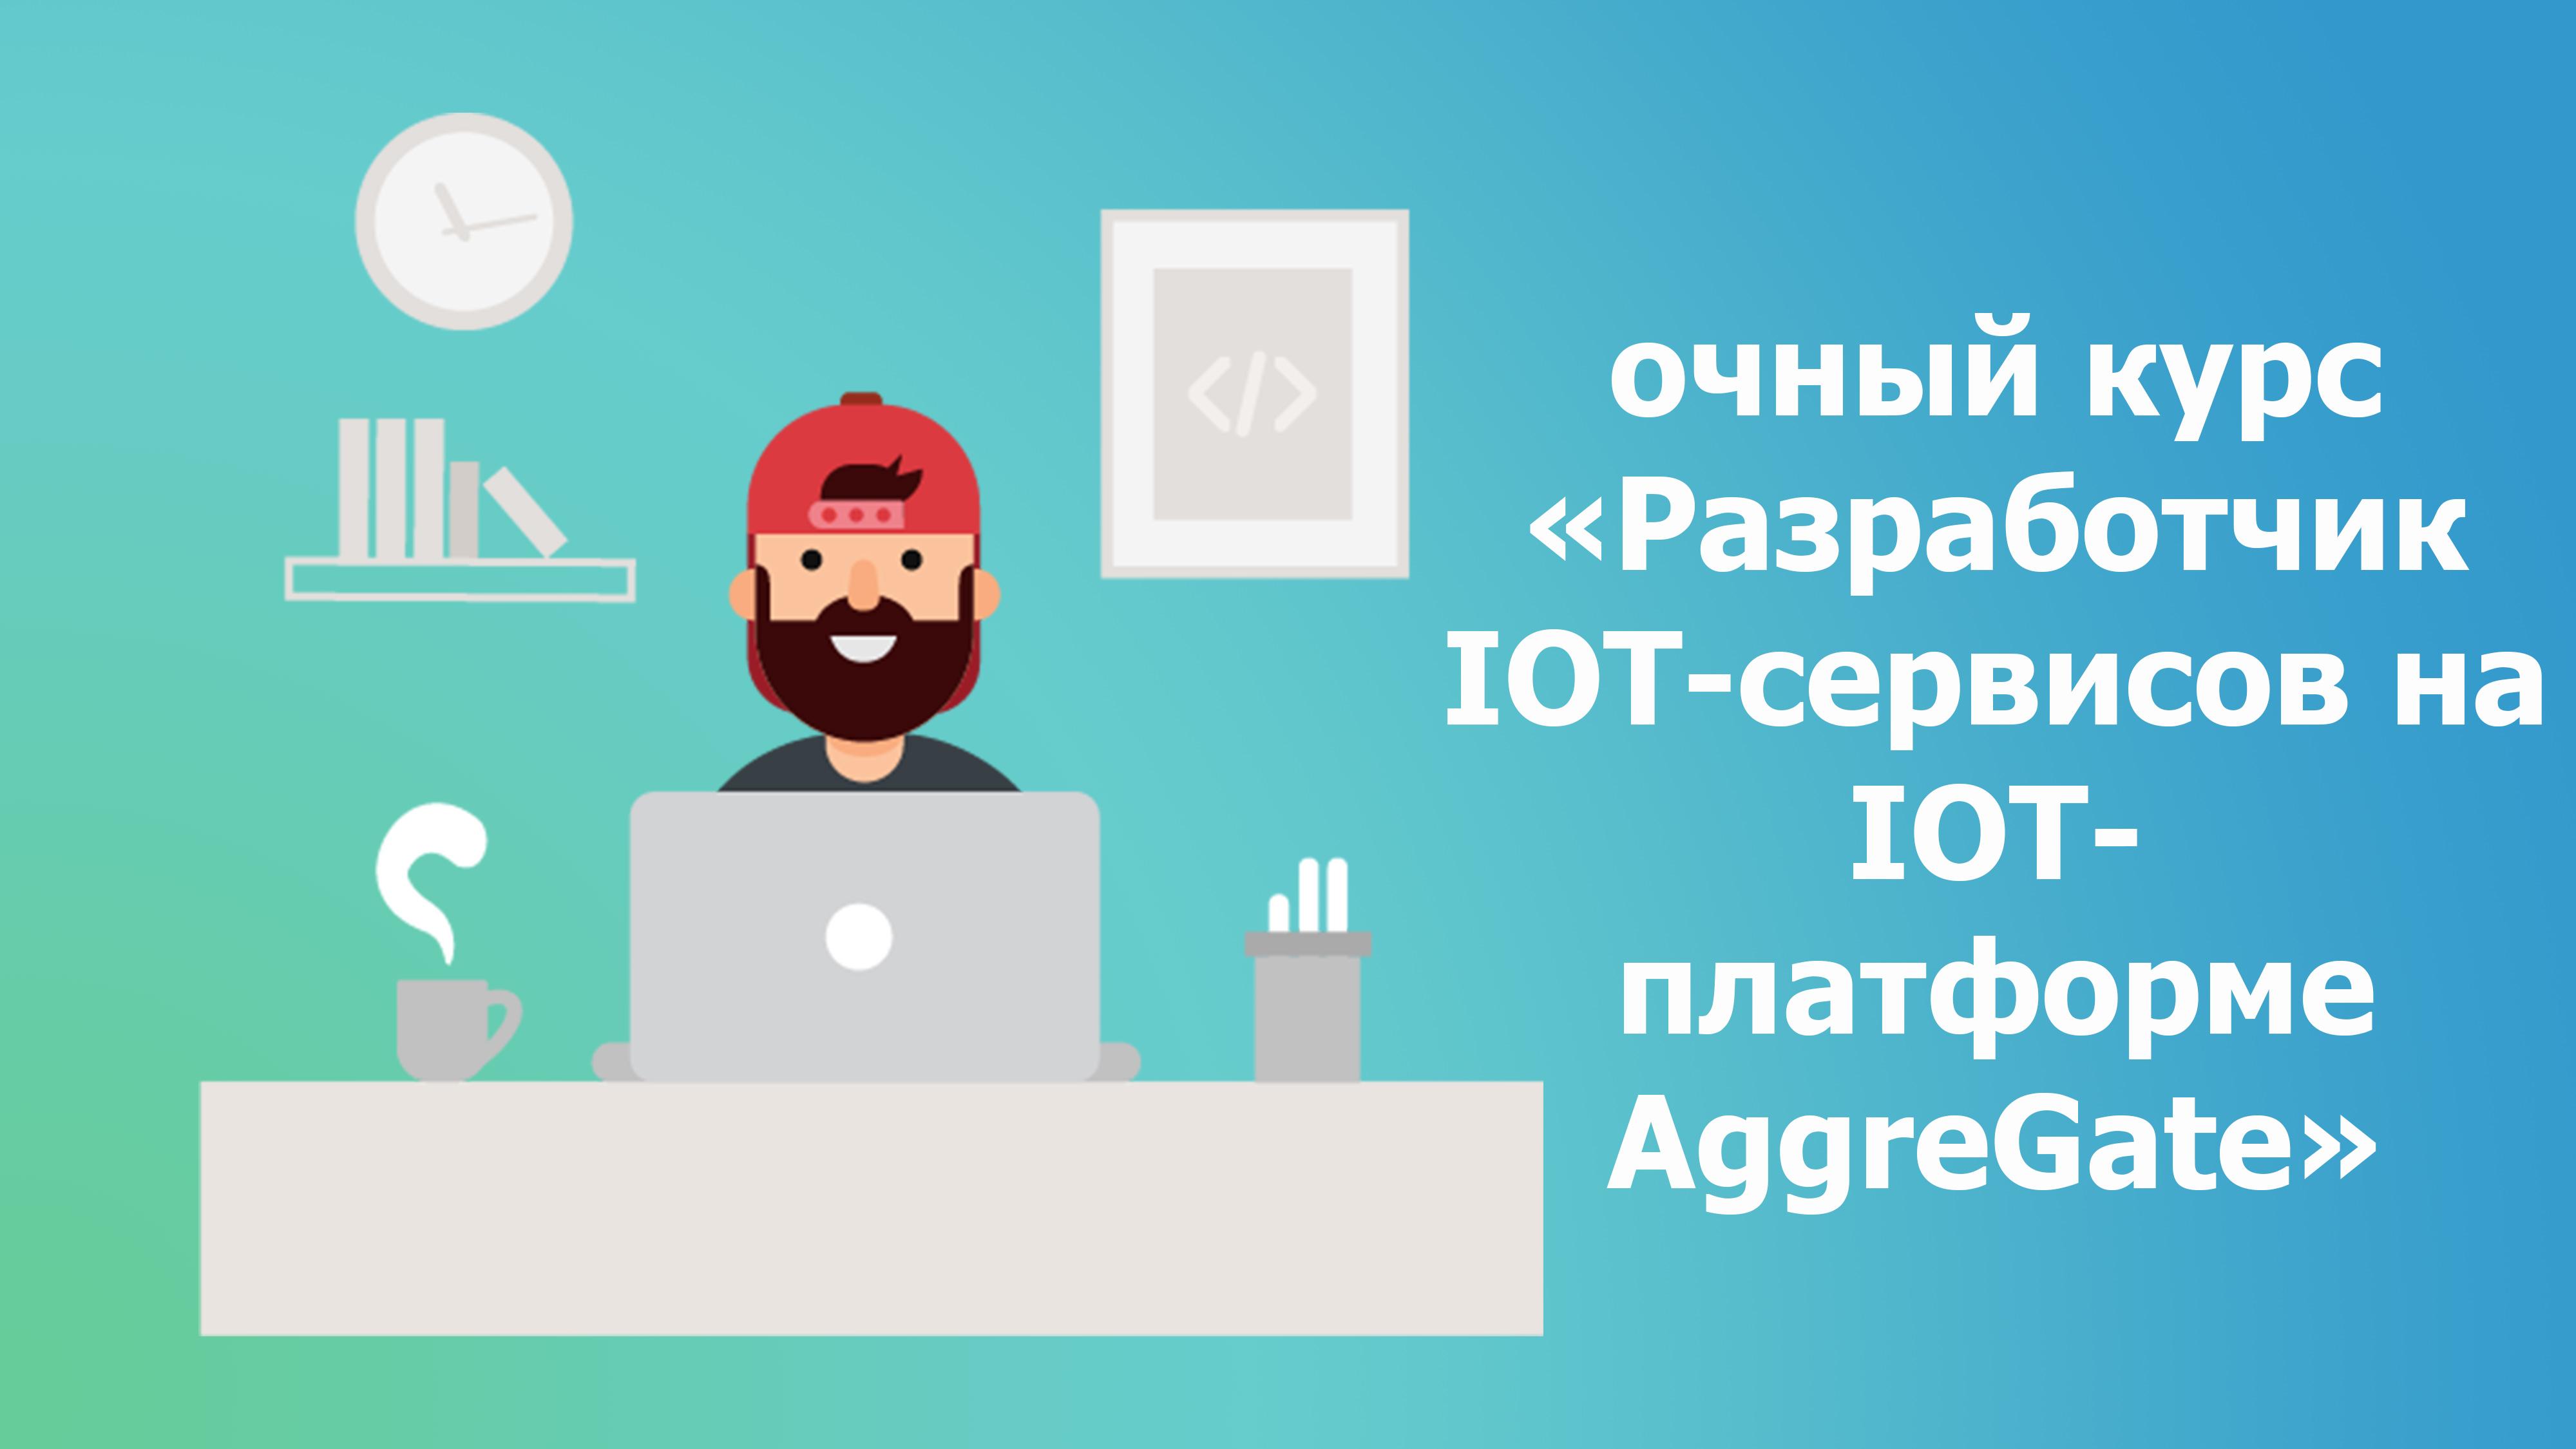 Компания NFP представляет очный курс «Разработчик IOT-сервисов на IOT-платформе AggreGate»